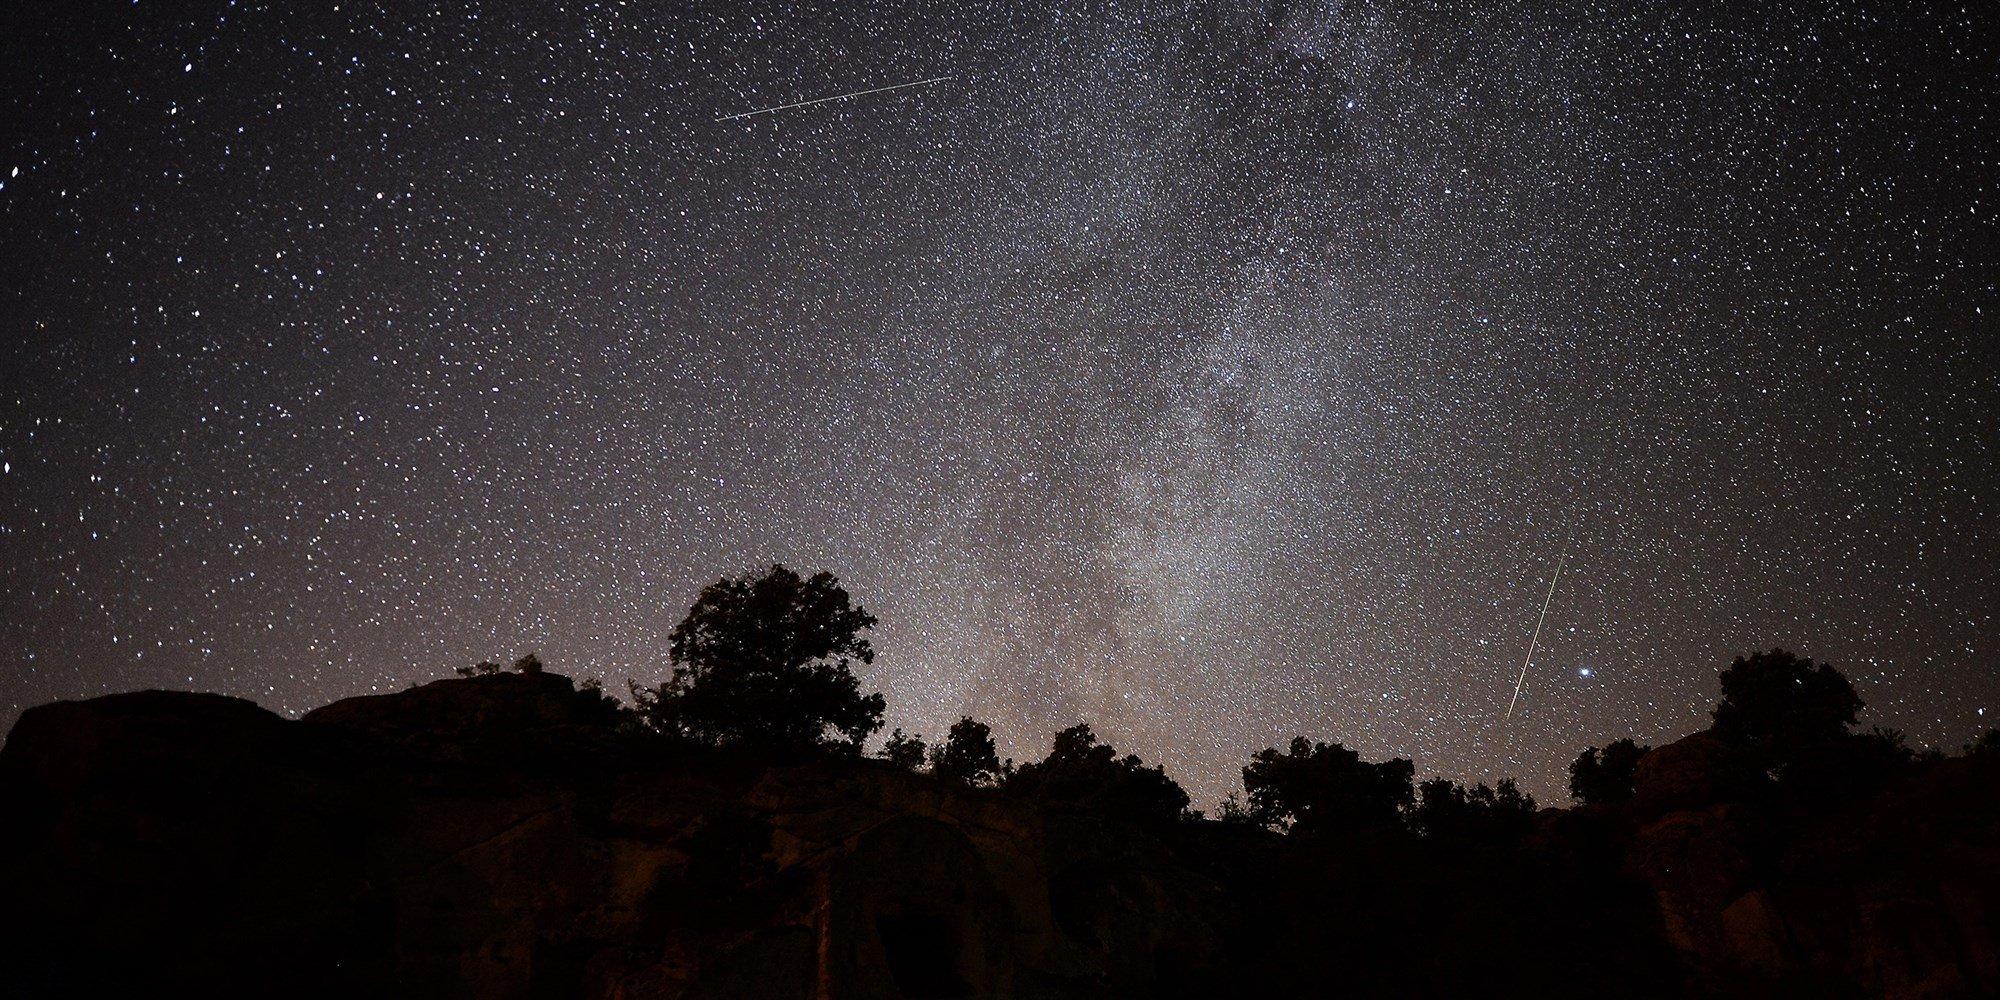 Perseid meteor shower - Perseid meteors streak across the night sky in Turkey on Aug. 13, 2019.